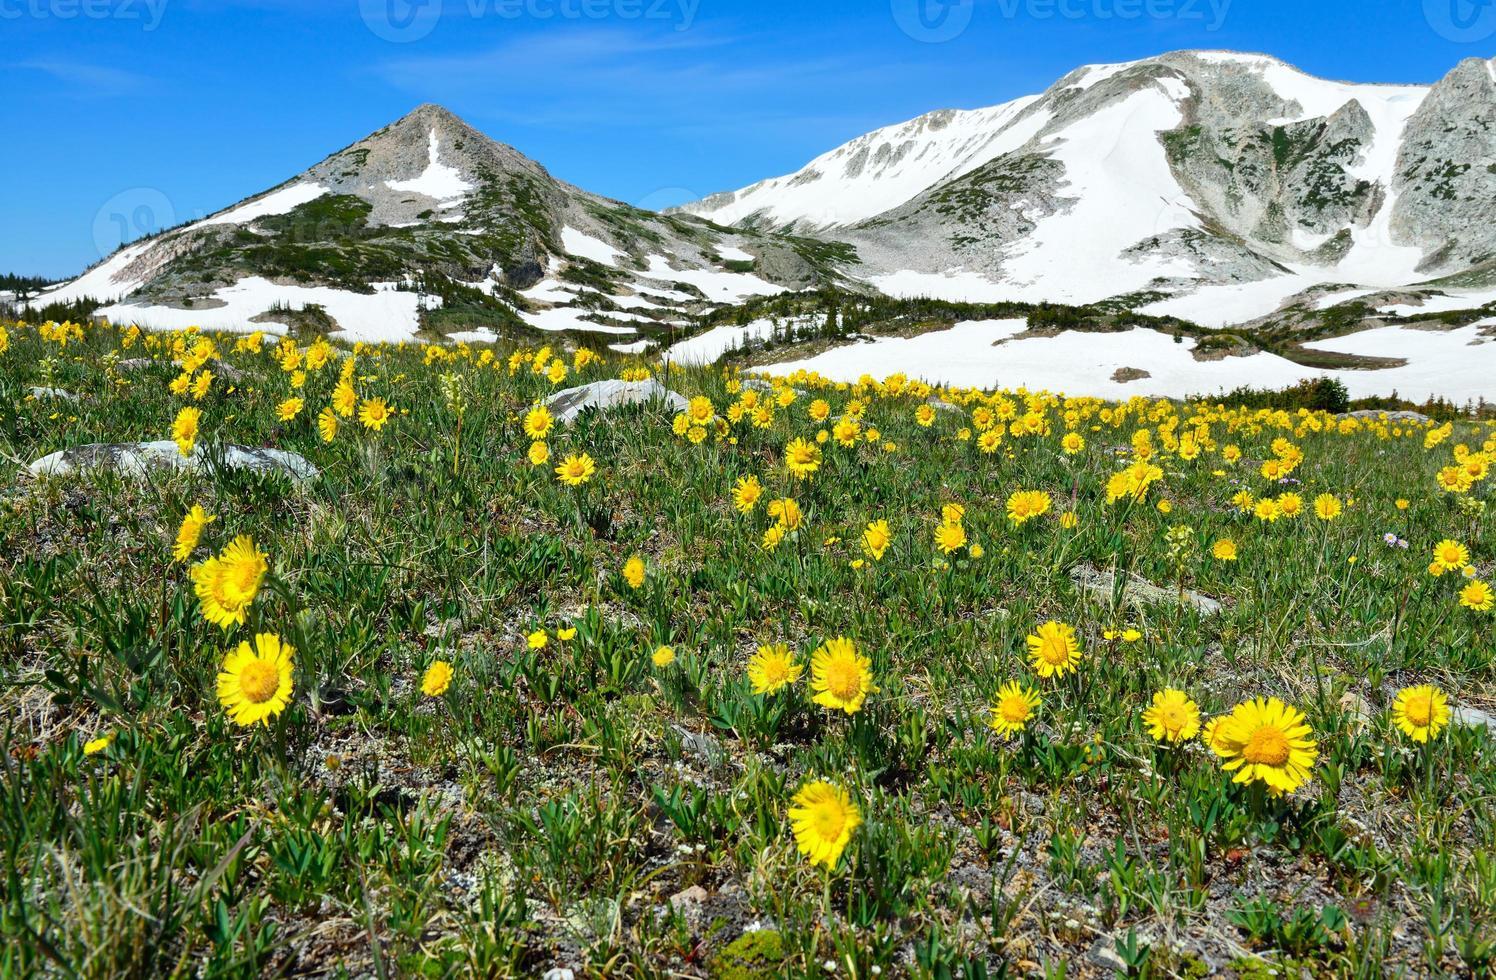 Prairie alpine avec des fleurs sauvages dans les montagnes enneigées photo